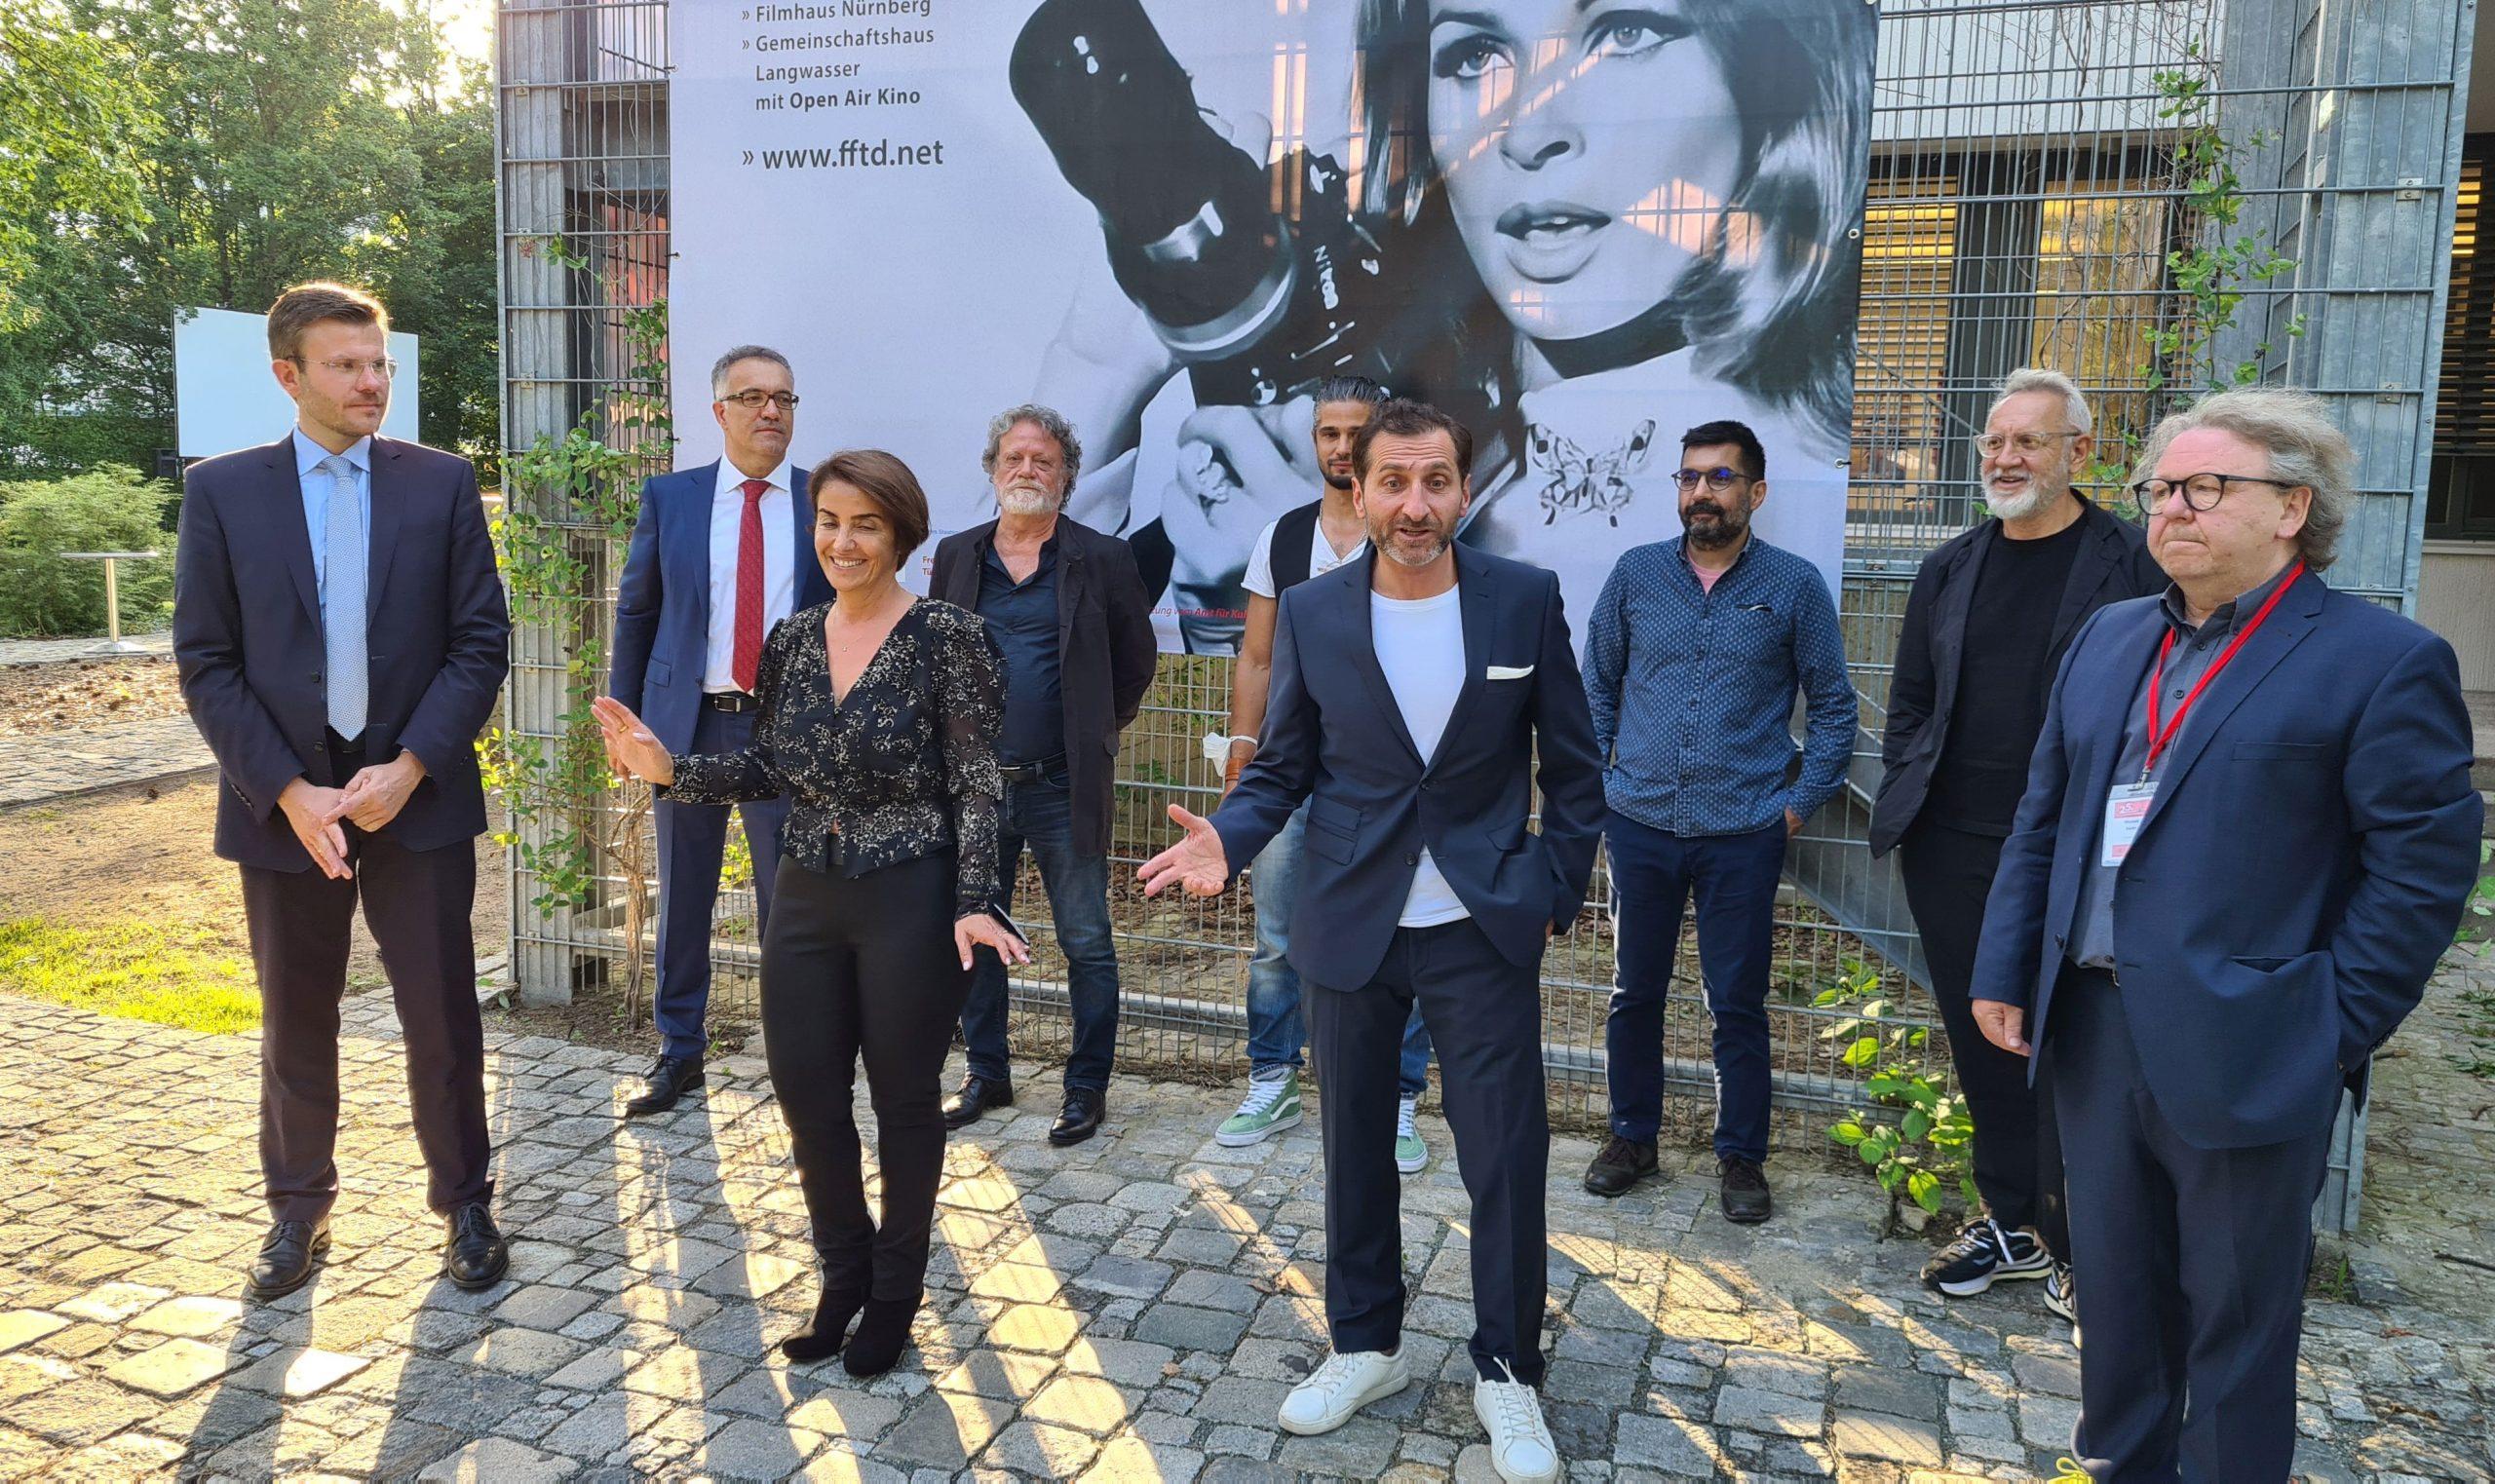 Çeyrek asırlık film festivali başladı